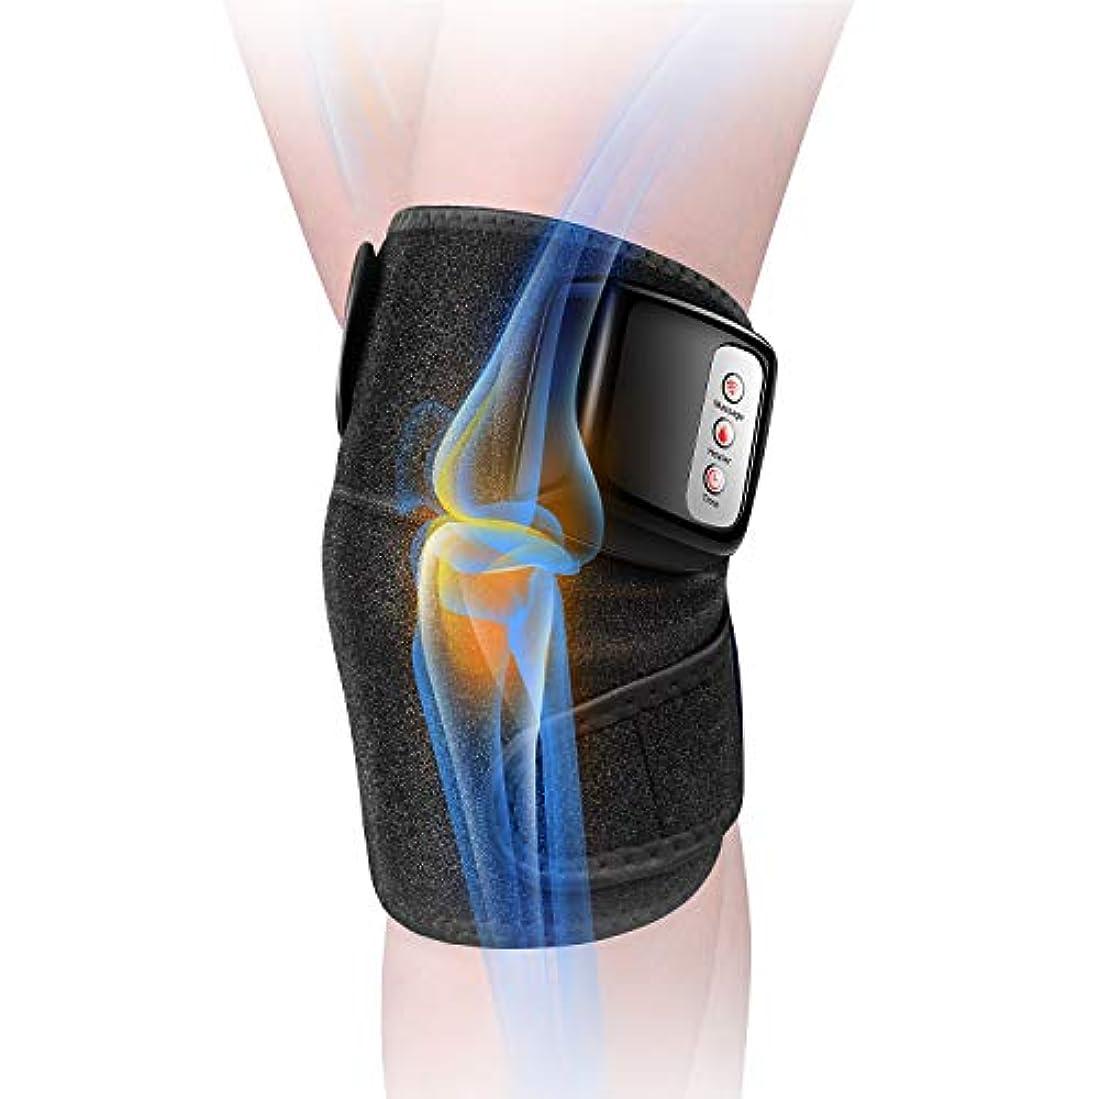 大聖堂初期の革命膝マッサージャー 関節マッサージャー マッサージ器 フットマッサージャー 振動 赤外線療法 温熱療法 膝サポーター ストレス解消 肩 太もも/腕対応